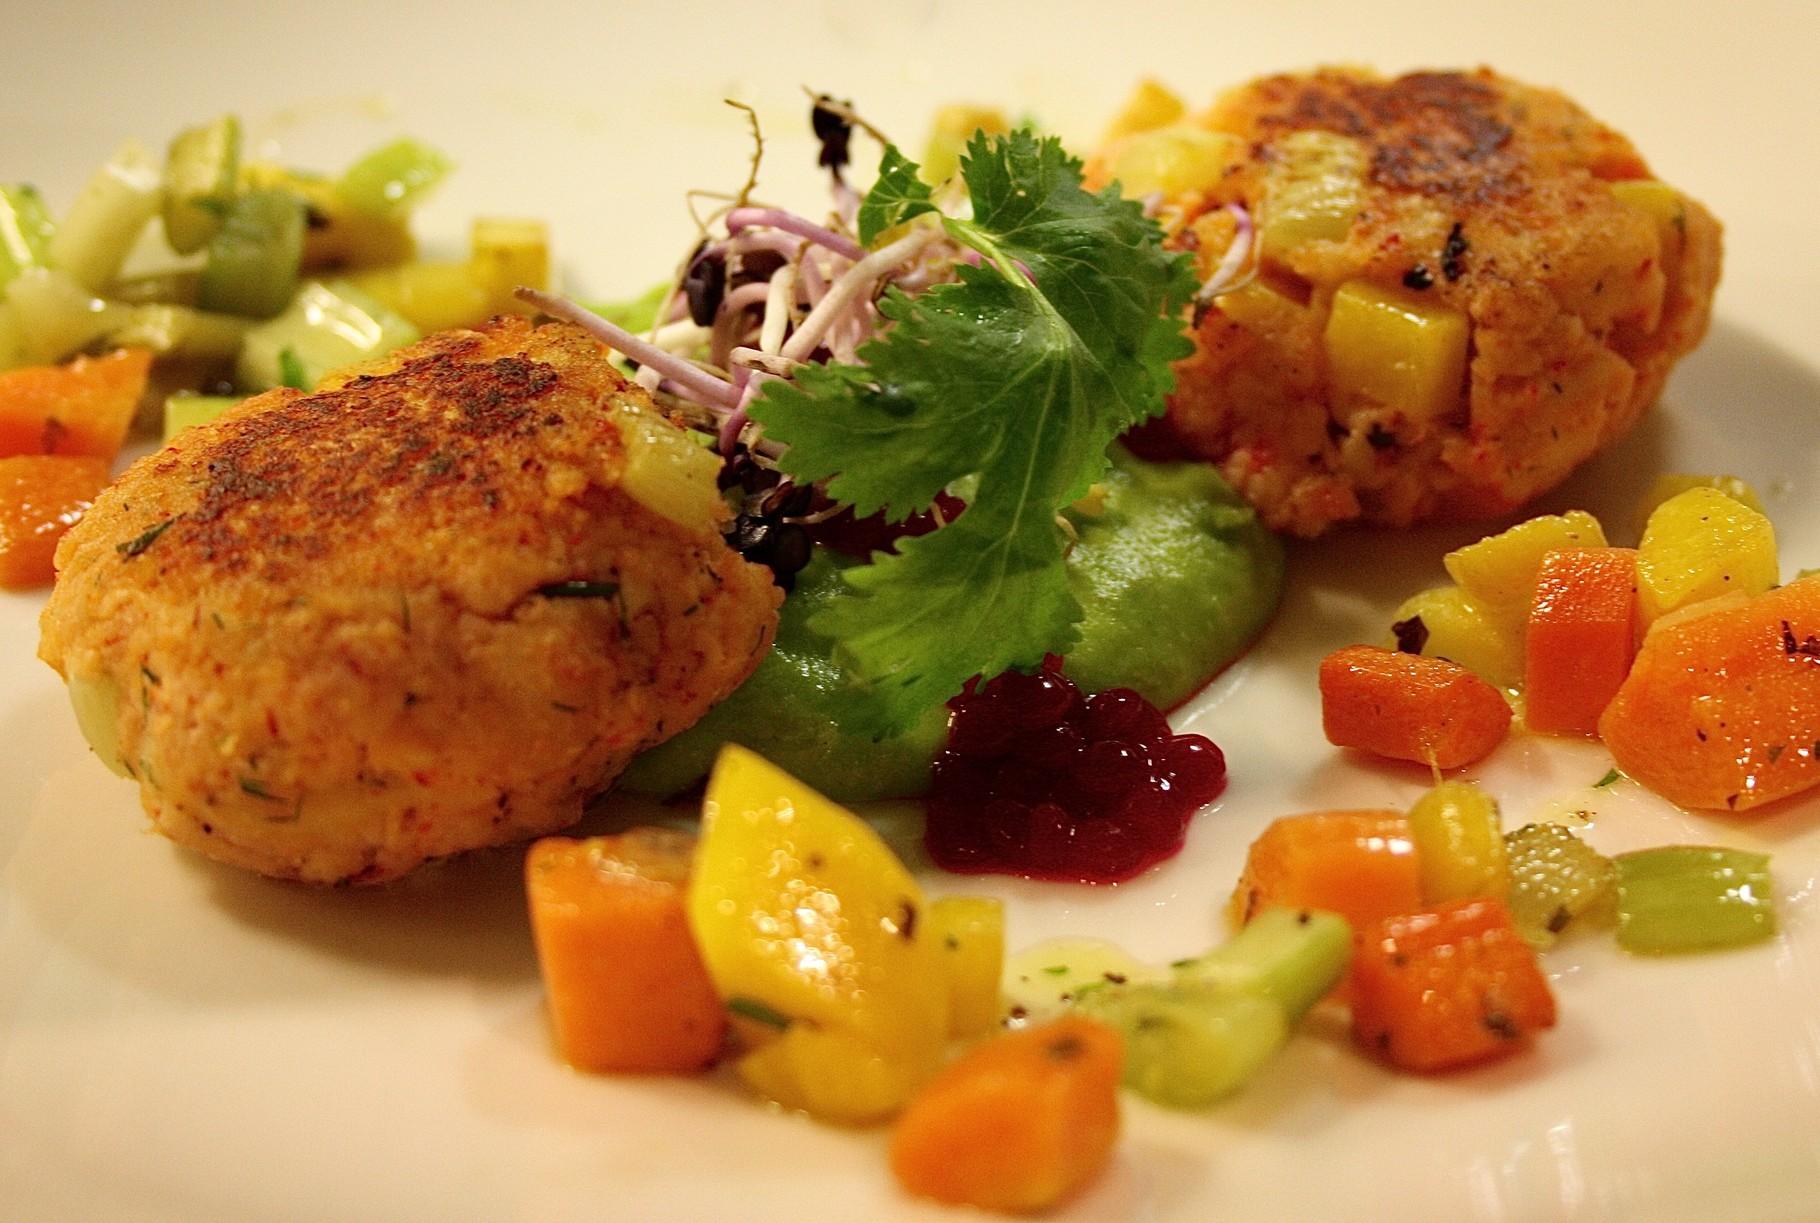 Crab Cake & Gemüse vom Grill auf Erbsenpüree mit Kaviar von roten Rüben